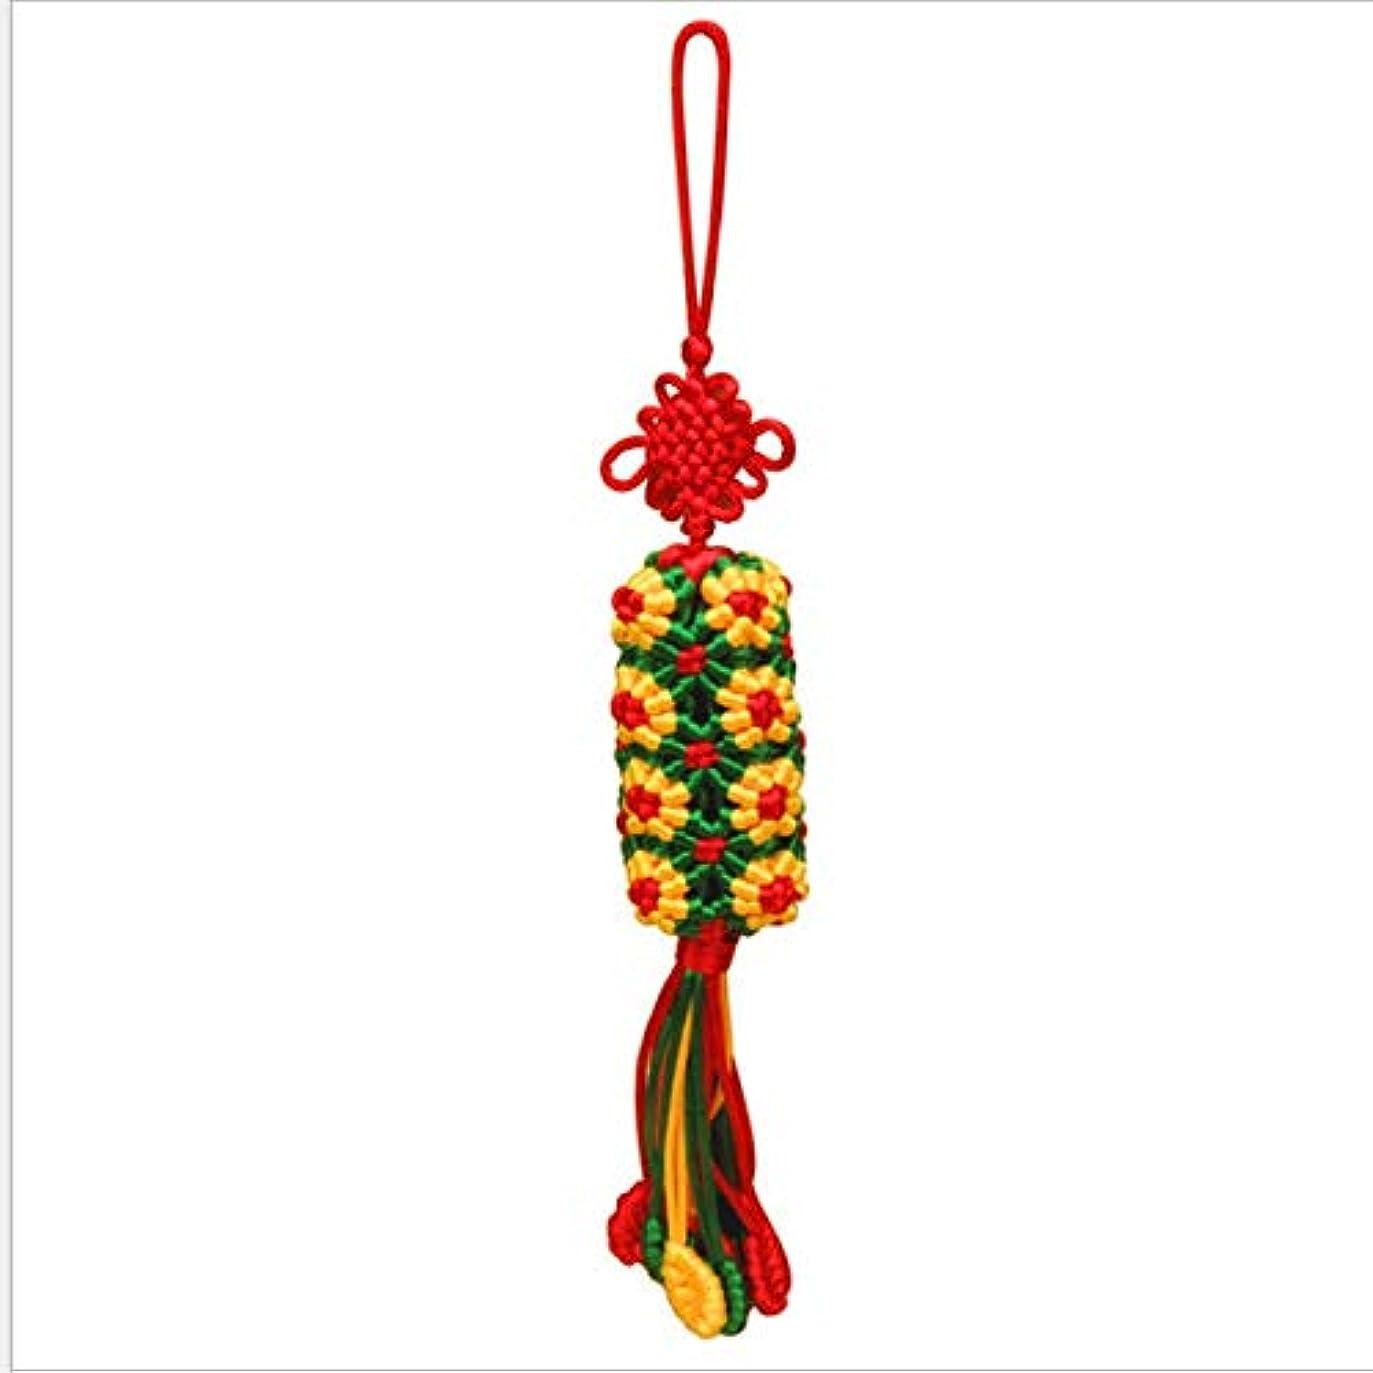 イソギンチャク顕著神Hongyuantongxun 1パック、カラフルなロープの手編みの小さなペンダント、ひまわりのペンダント、フリンジサテンのチャイニーズノット(赤),、装飾品ペンダント (Color : Red)